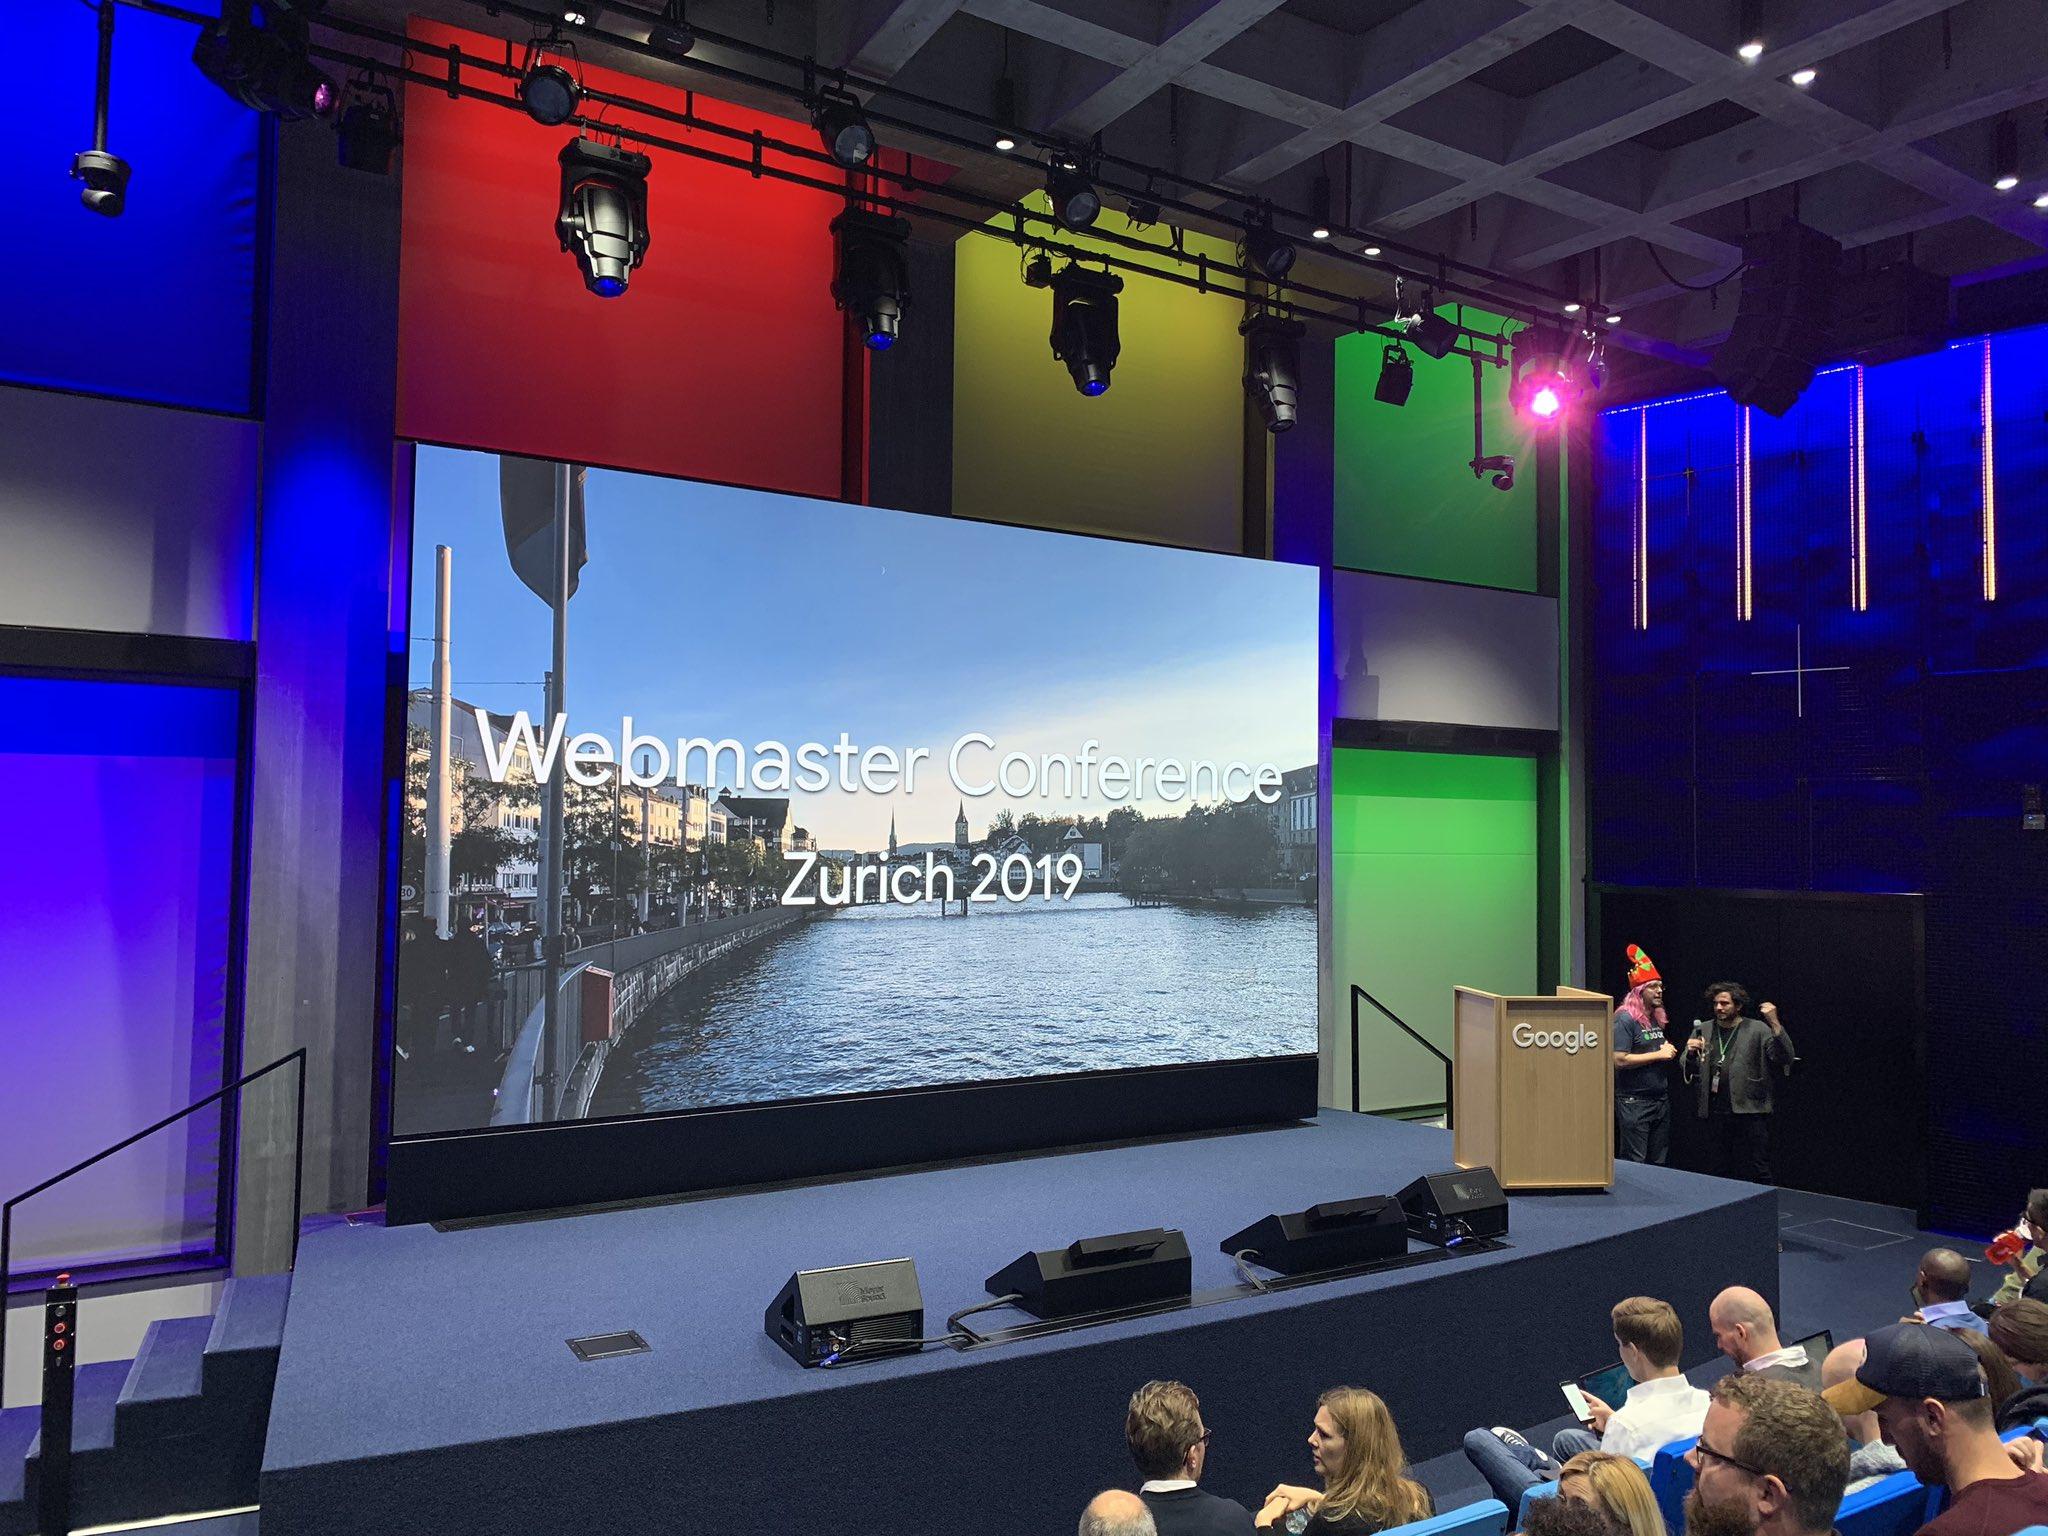 Google Webmaster Conference Zurich 2019